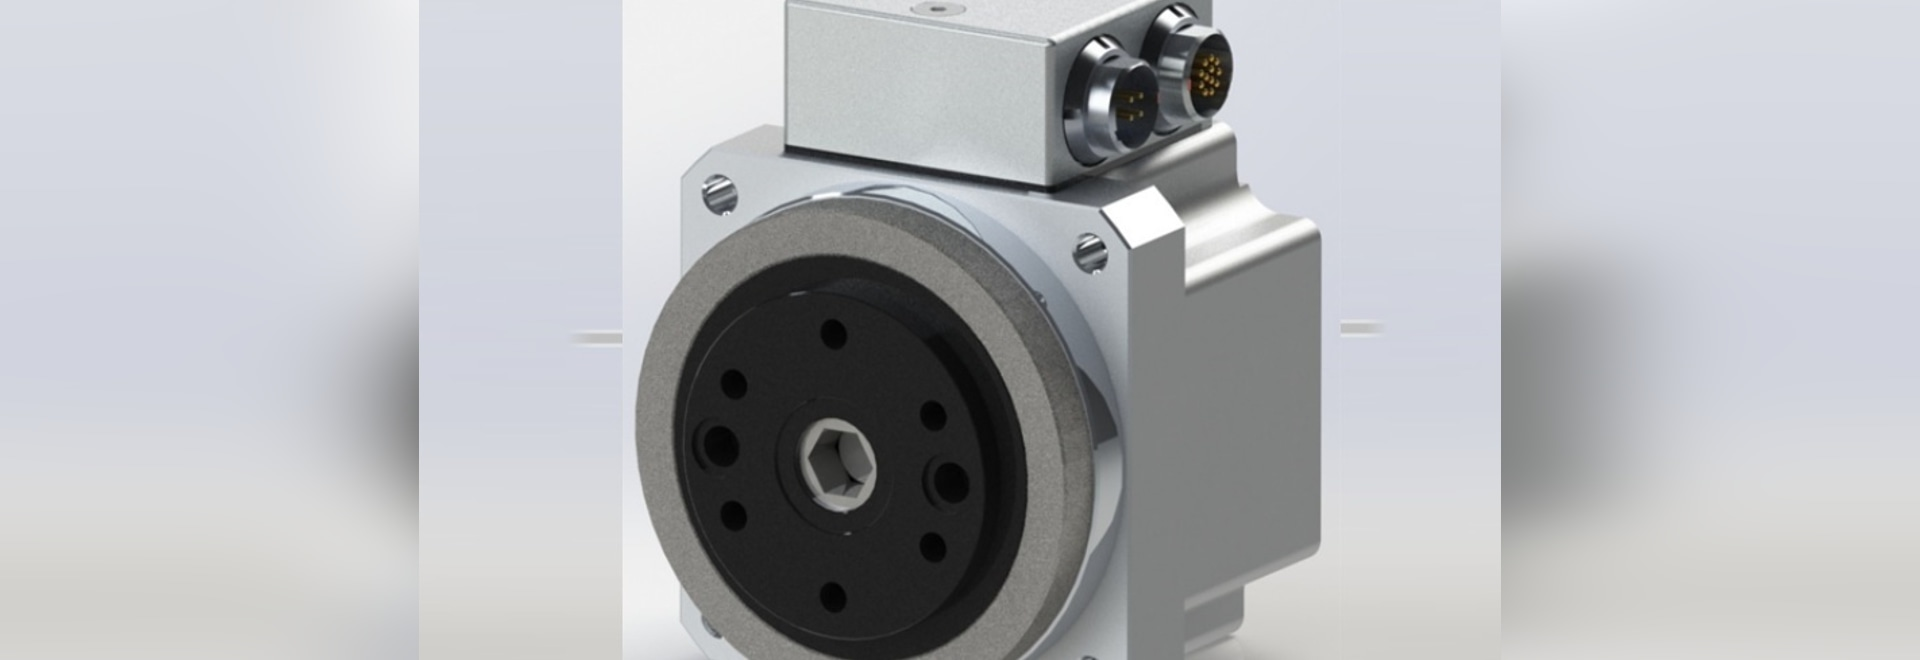 Servoactuador FHA-C Mini 24V de Harmonic Drive con codificador absoluto doble y conectores para montaje en panel